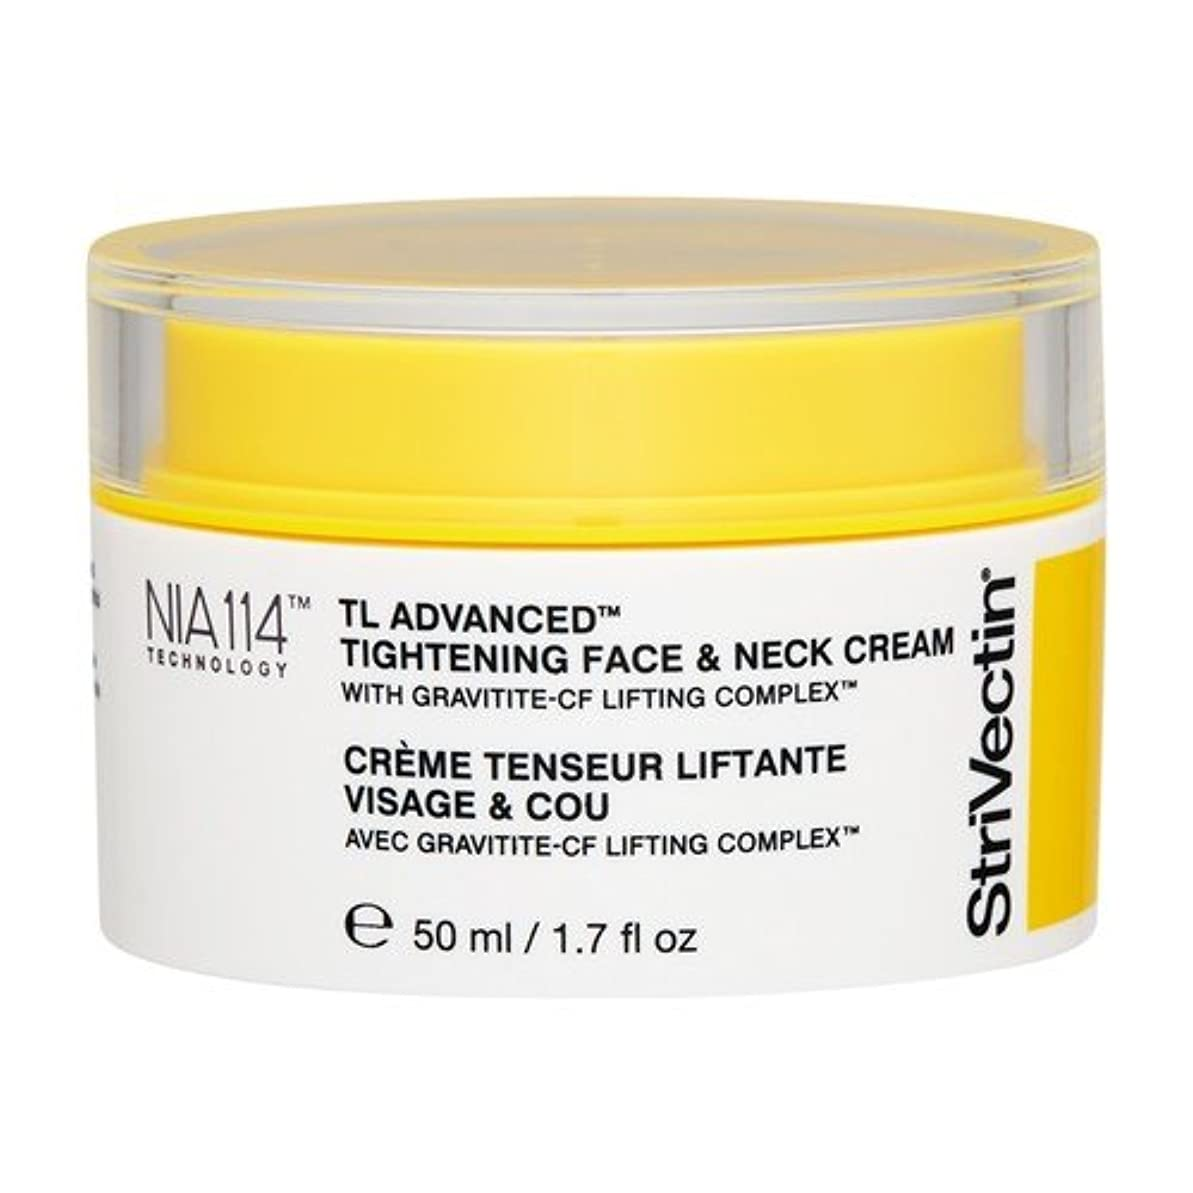 北米余暇素人ストリベクチン TL アドバンス タイトニング フェース& ネッククリーム 50ml [並行輸入品]